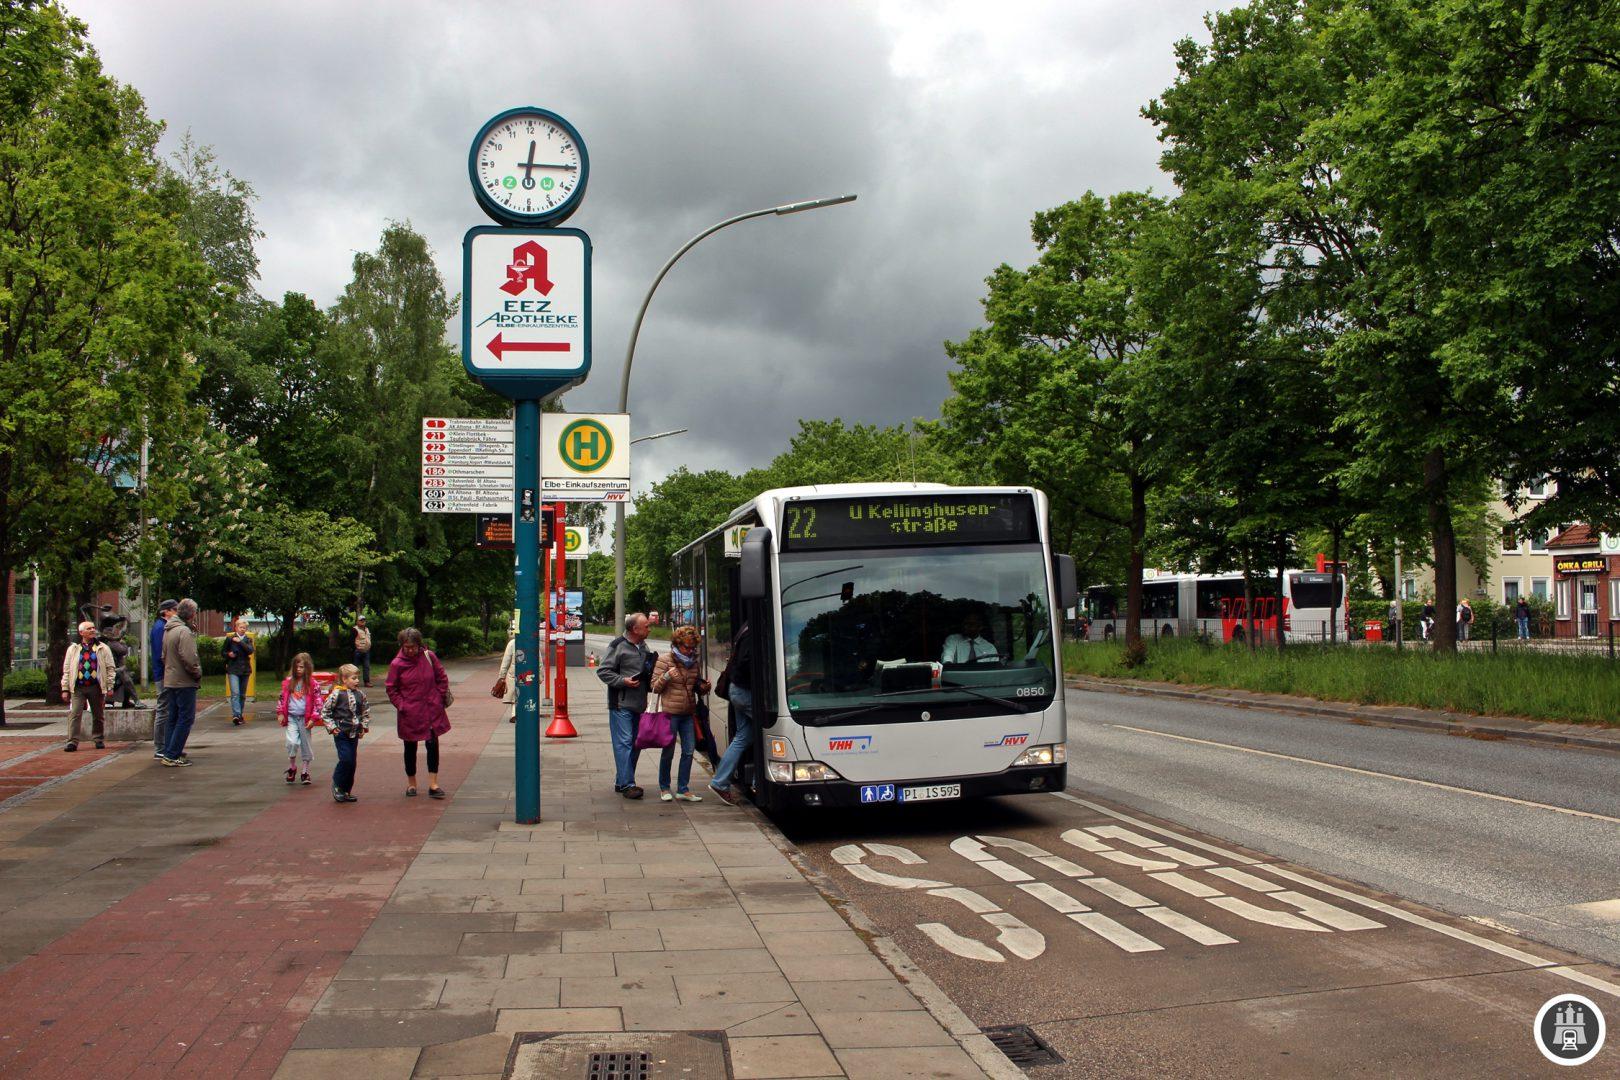 Der Bau des EEZ 1966 sollte vorallem wieder die Kunden, die vorher in Schleswig-Holstein einkauften, zurück nach Hamburg bringen. Der Einzugsbereich des EEZ erstreckt sich bis nach Wedel und Schenefeld.